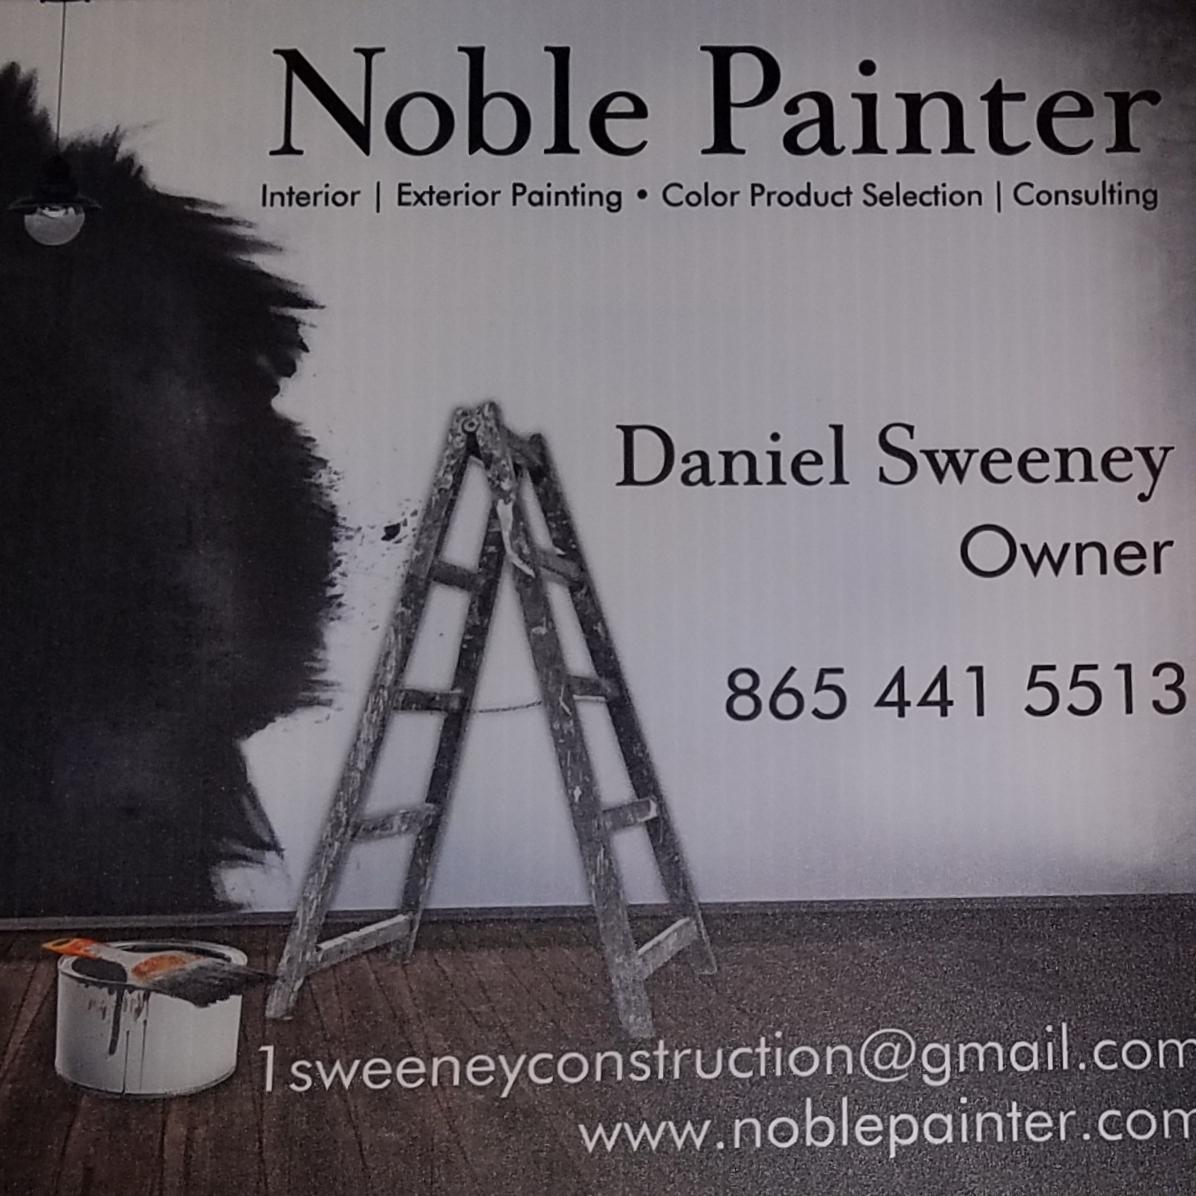 Noble Painter